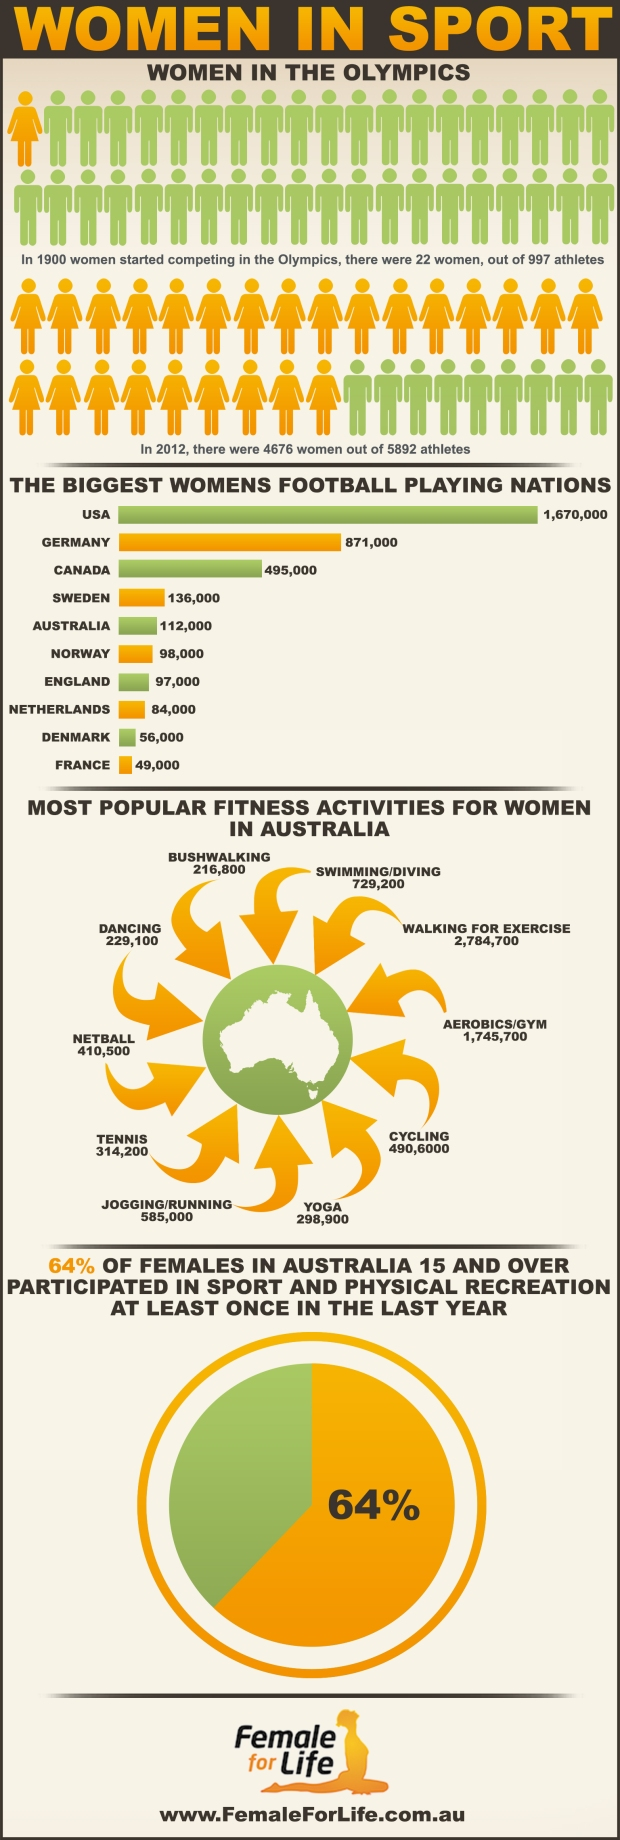 women-in-sport_525e42220407f